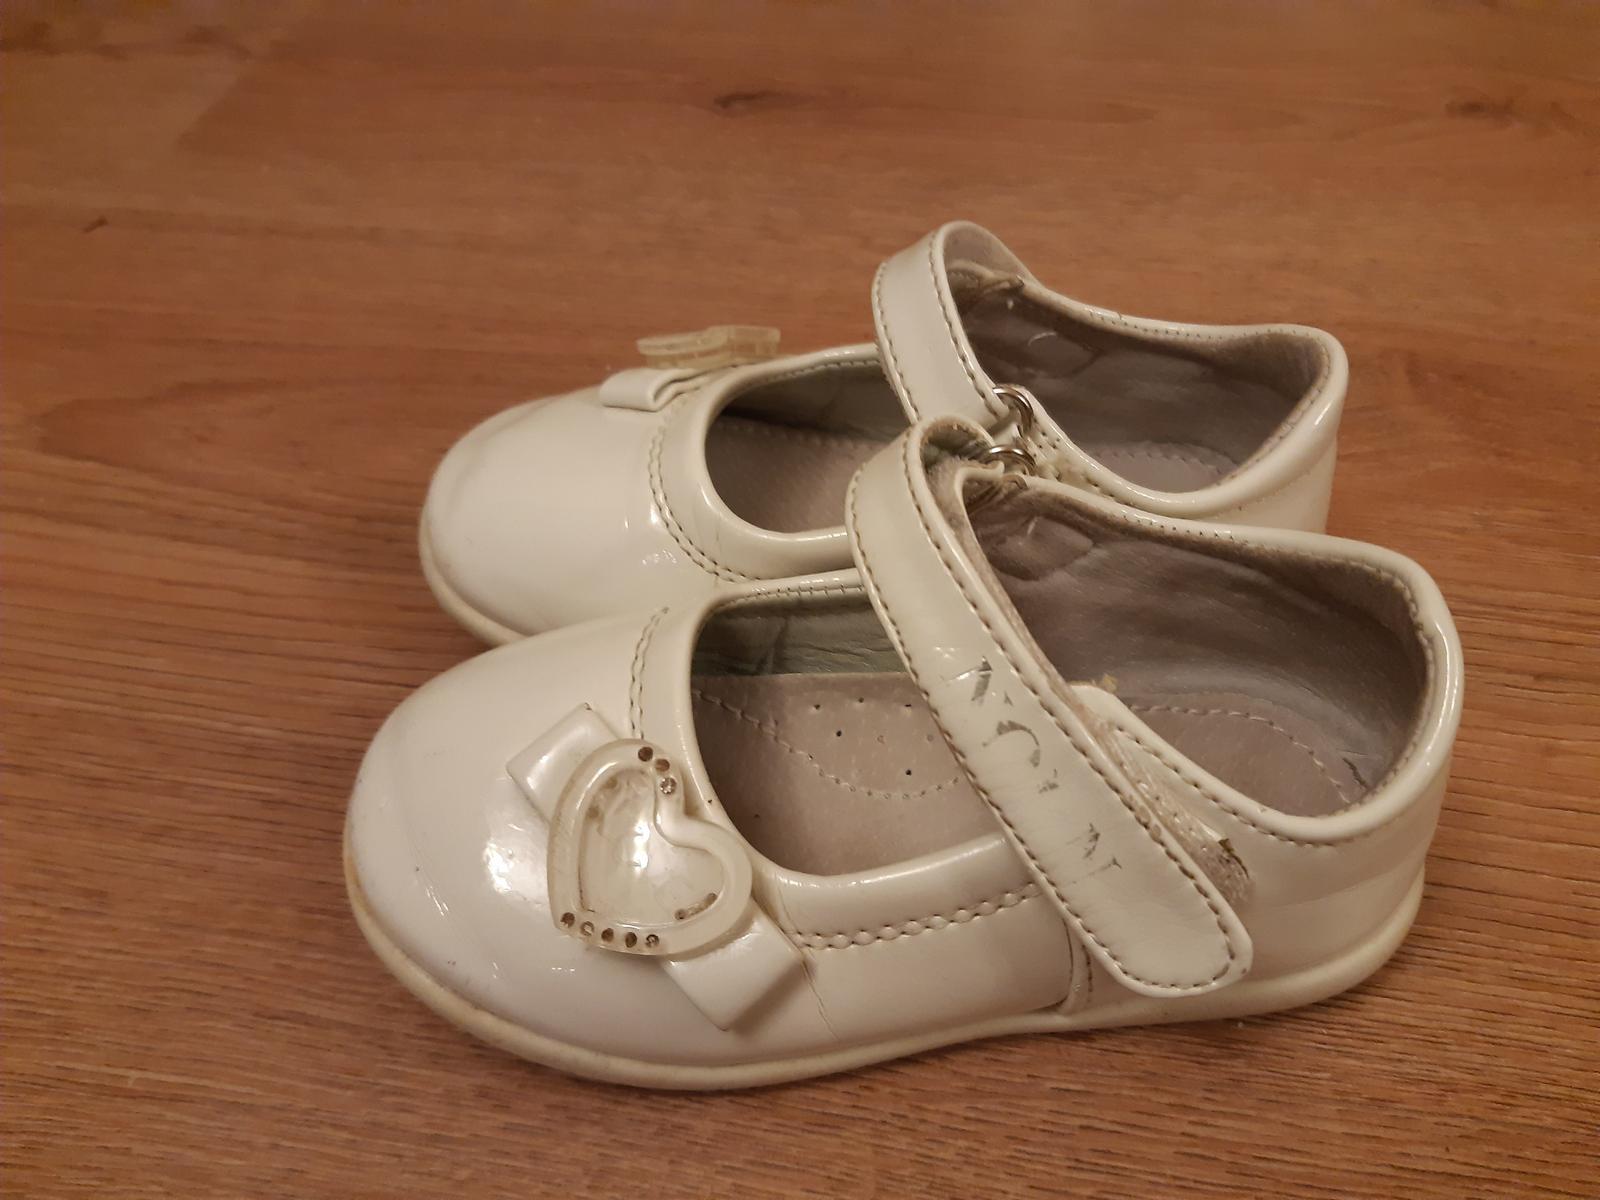 Dievčenské topánky  - Obrázok č. 3